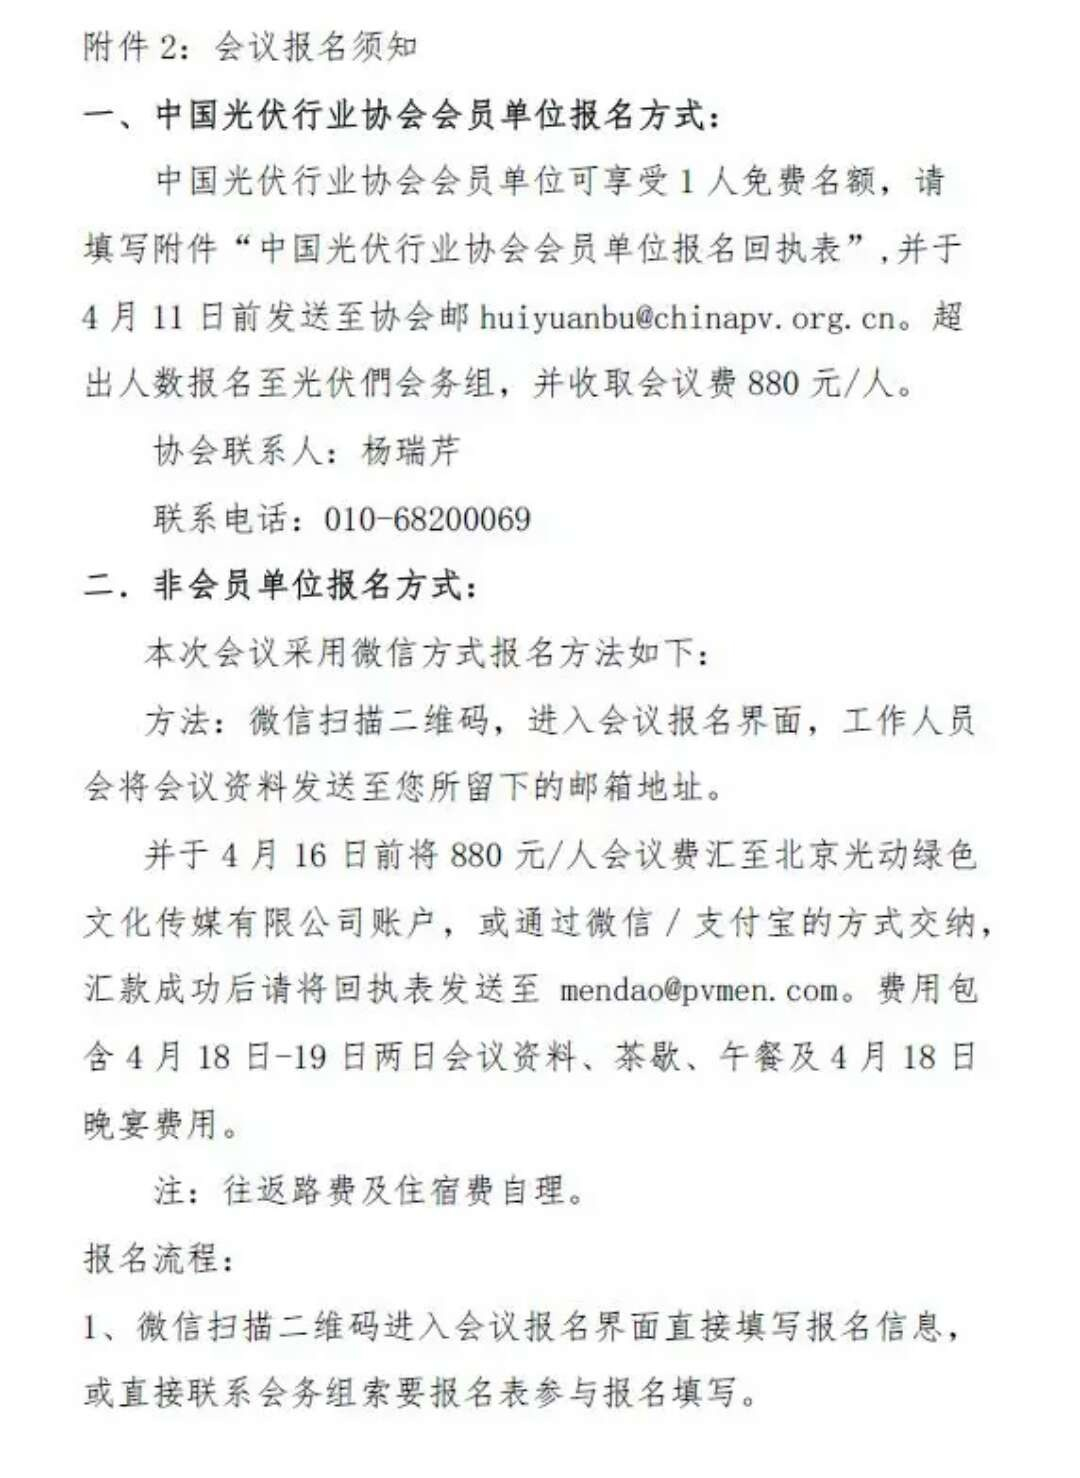 关于举办第二届分布式光伏嘉年华的通知